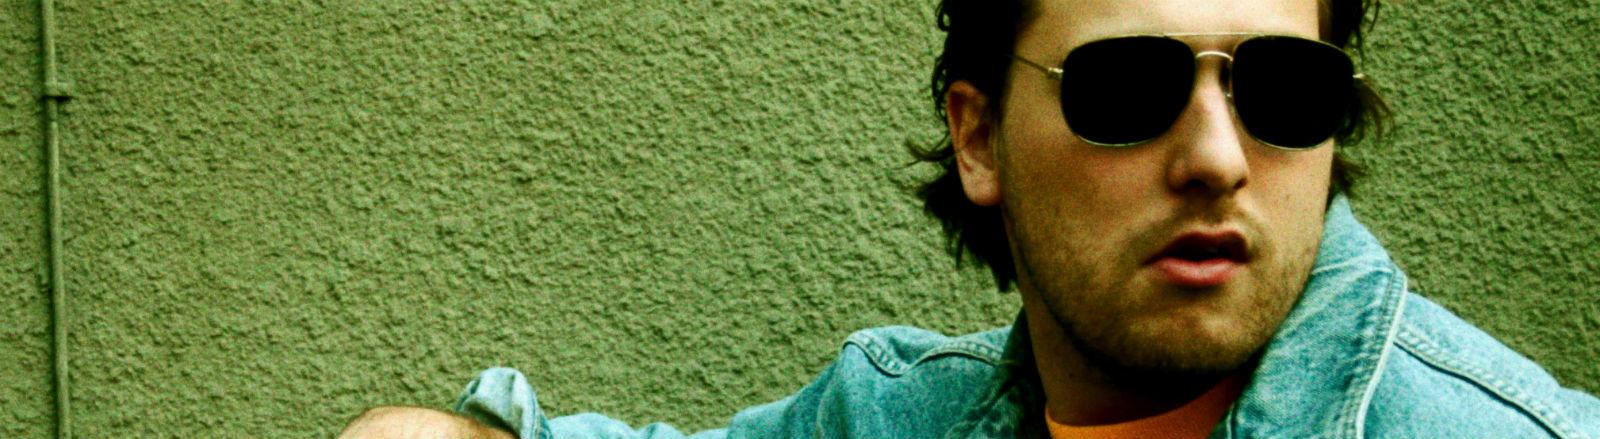 Ein Mann mit Sonnenbrille und Jeansjacke lehnt an einer Wand.